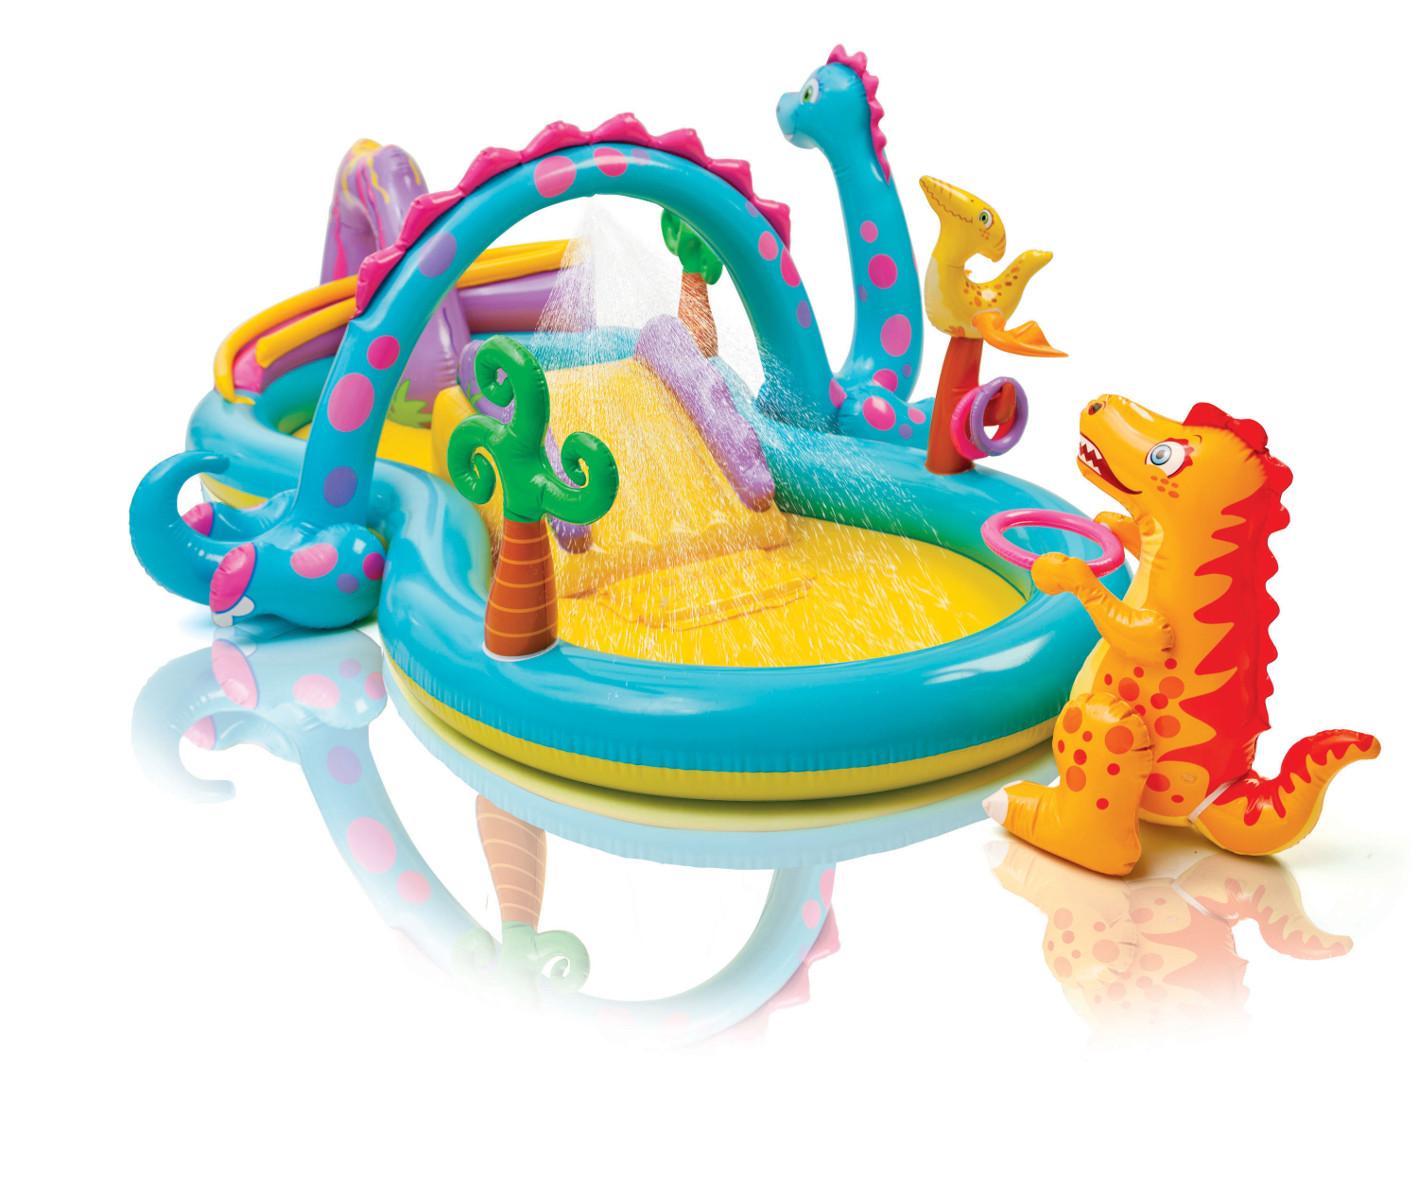 プール ビニールプール INTEX(インテックス) 家庭用 ベランダ 庭 子供 大人 ファミリー キャラクター ディノランドプレイセンター 57135